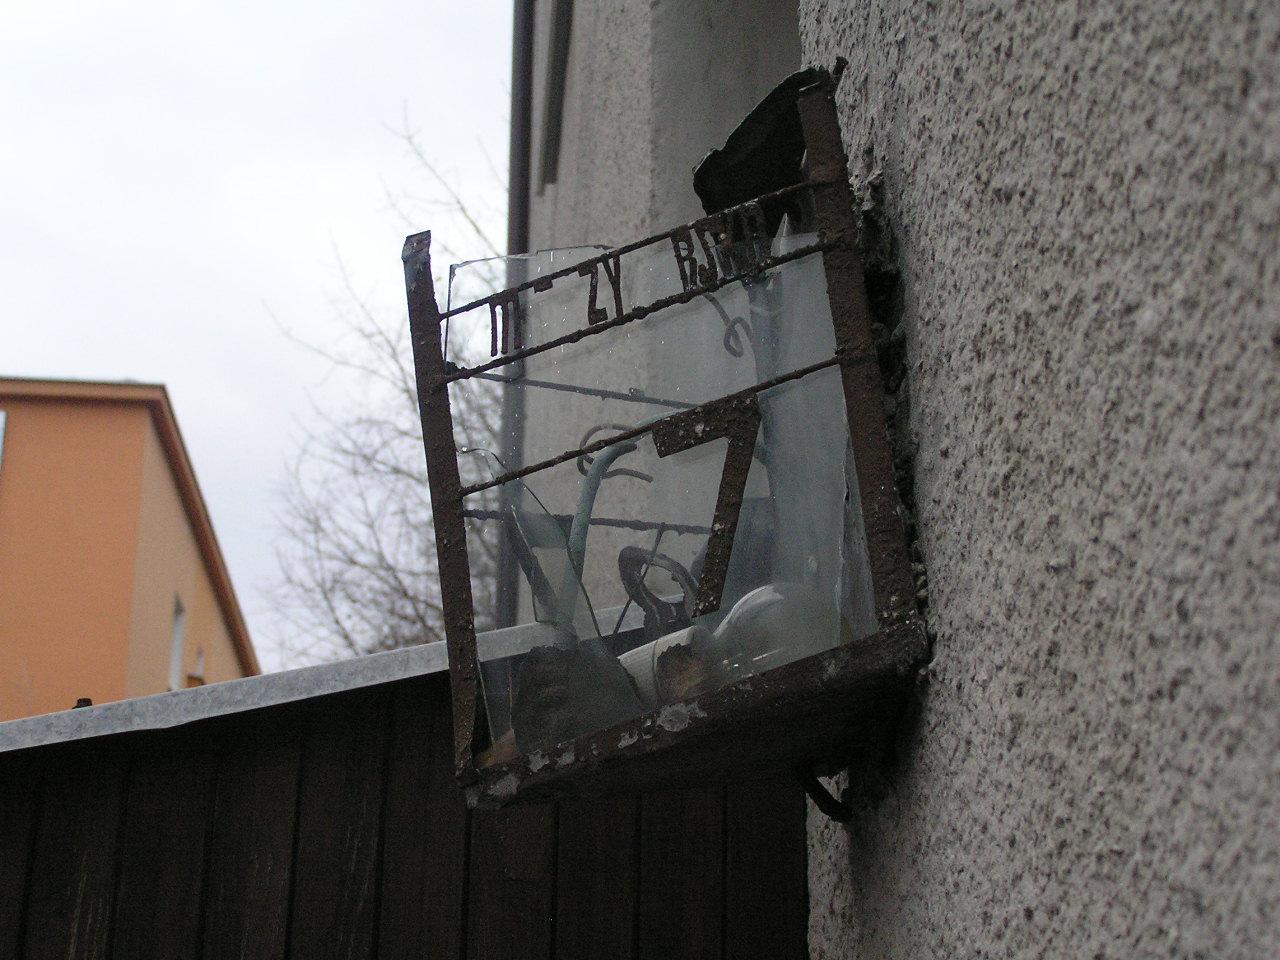 Latarenka adresowa przy ulicy Międzyborskiej 87 na Grochowie